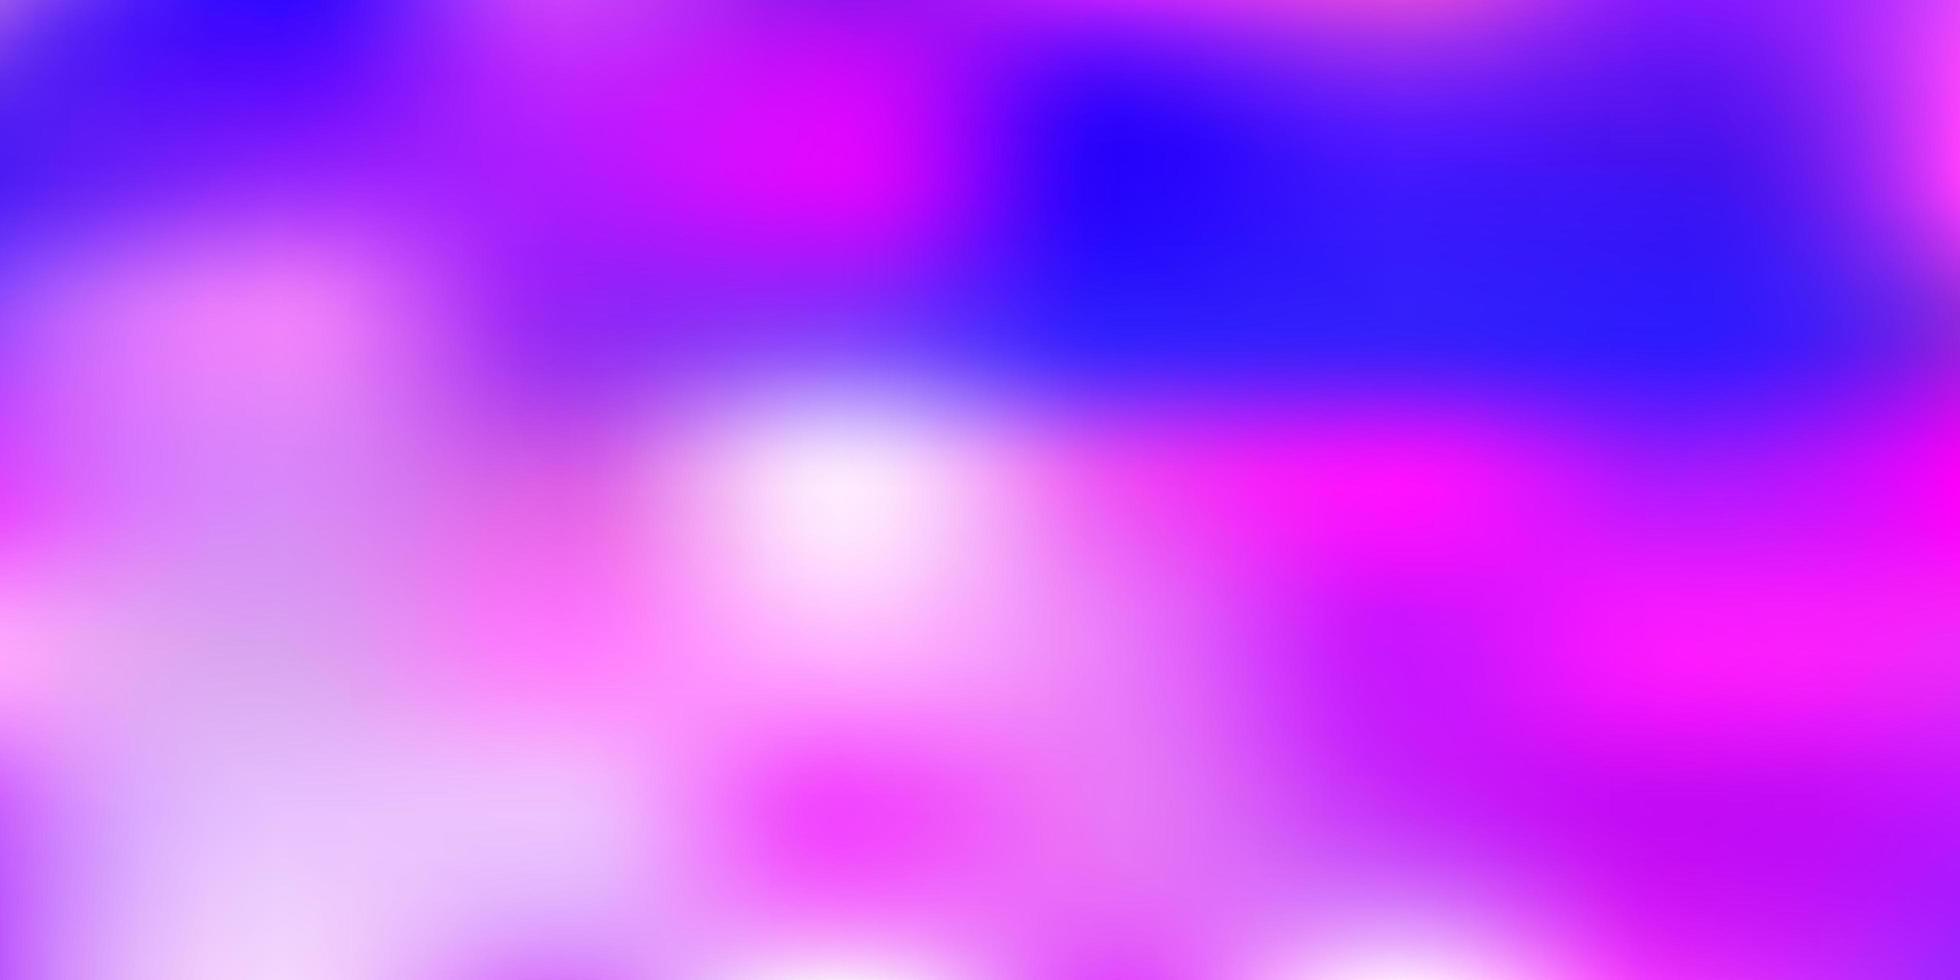 sfondo sfocato vettoriale rosa chiaro, blu.